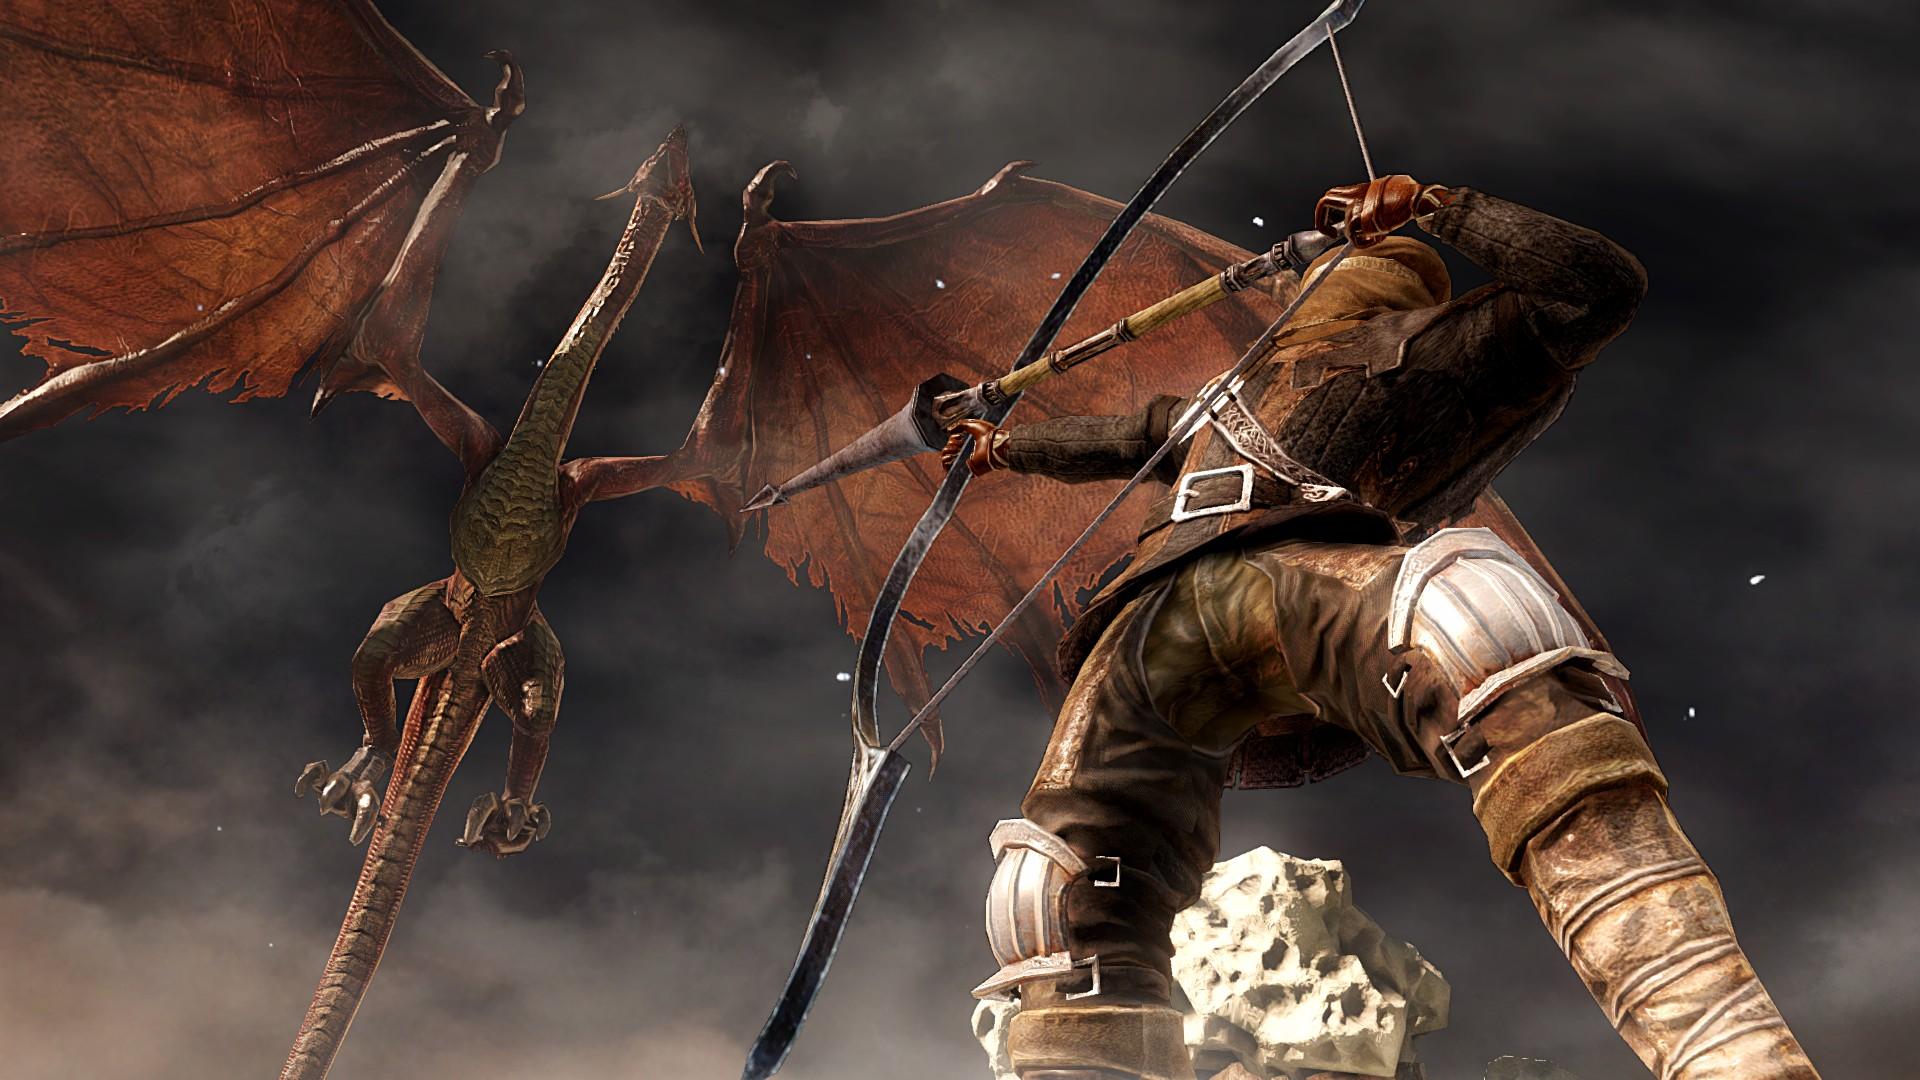 Link Tải Game Dark Souls II Việt Hóa Miễn Phí Thành Công